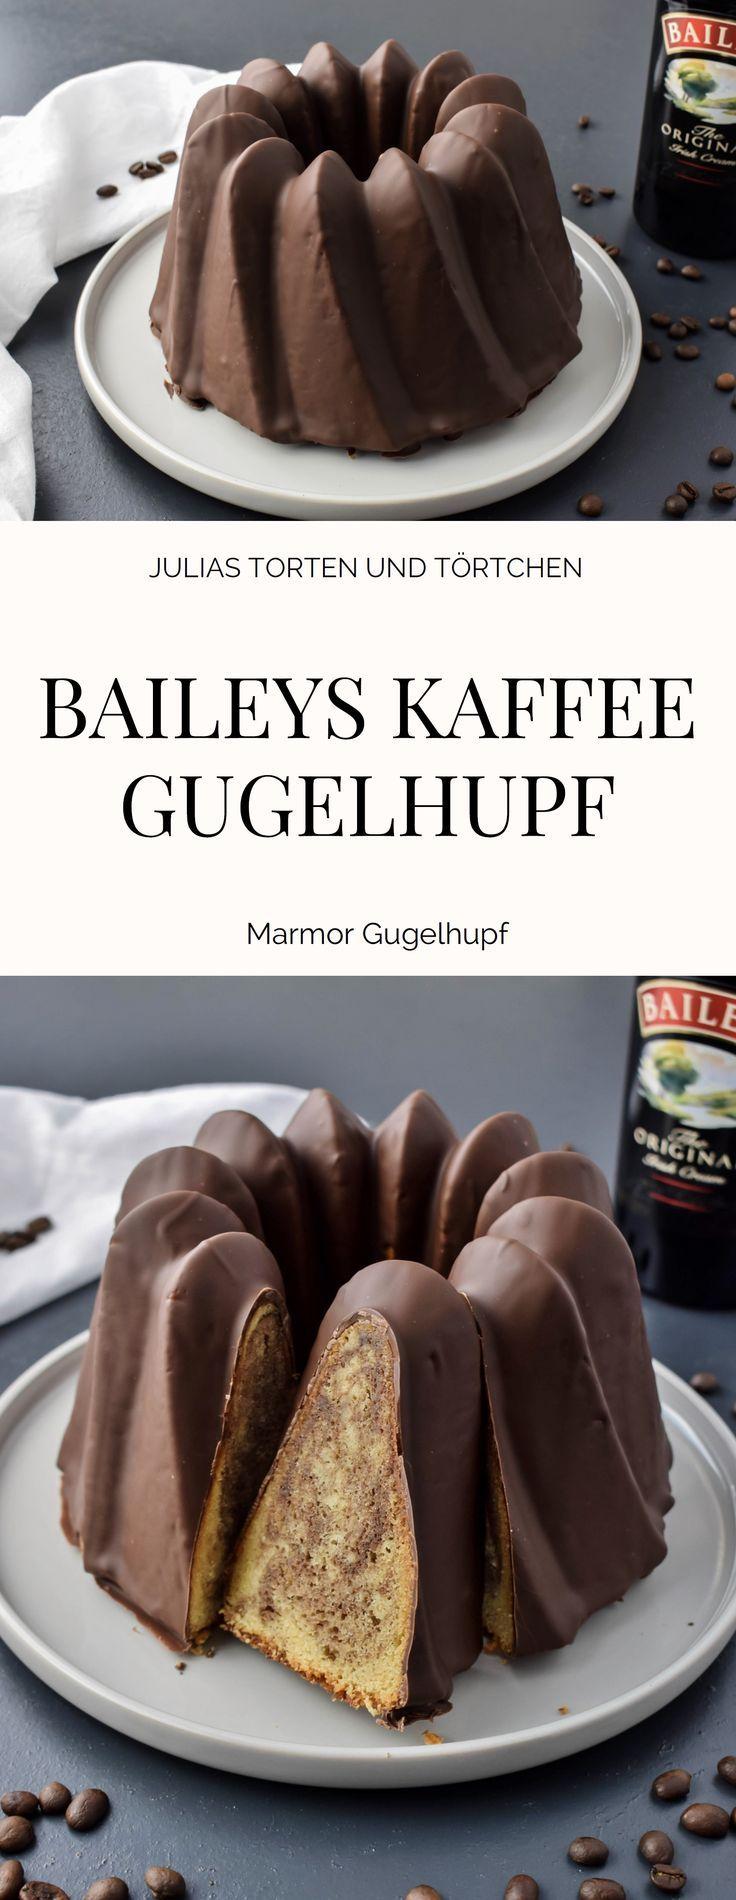 Baileys Kaffee Gugelhupf #schokokuchen